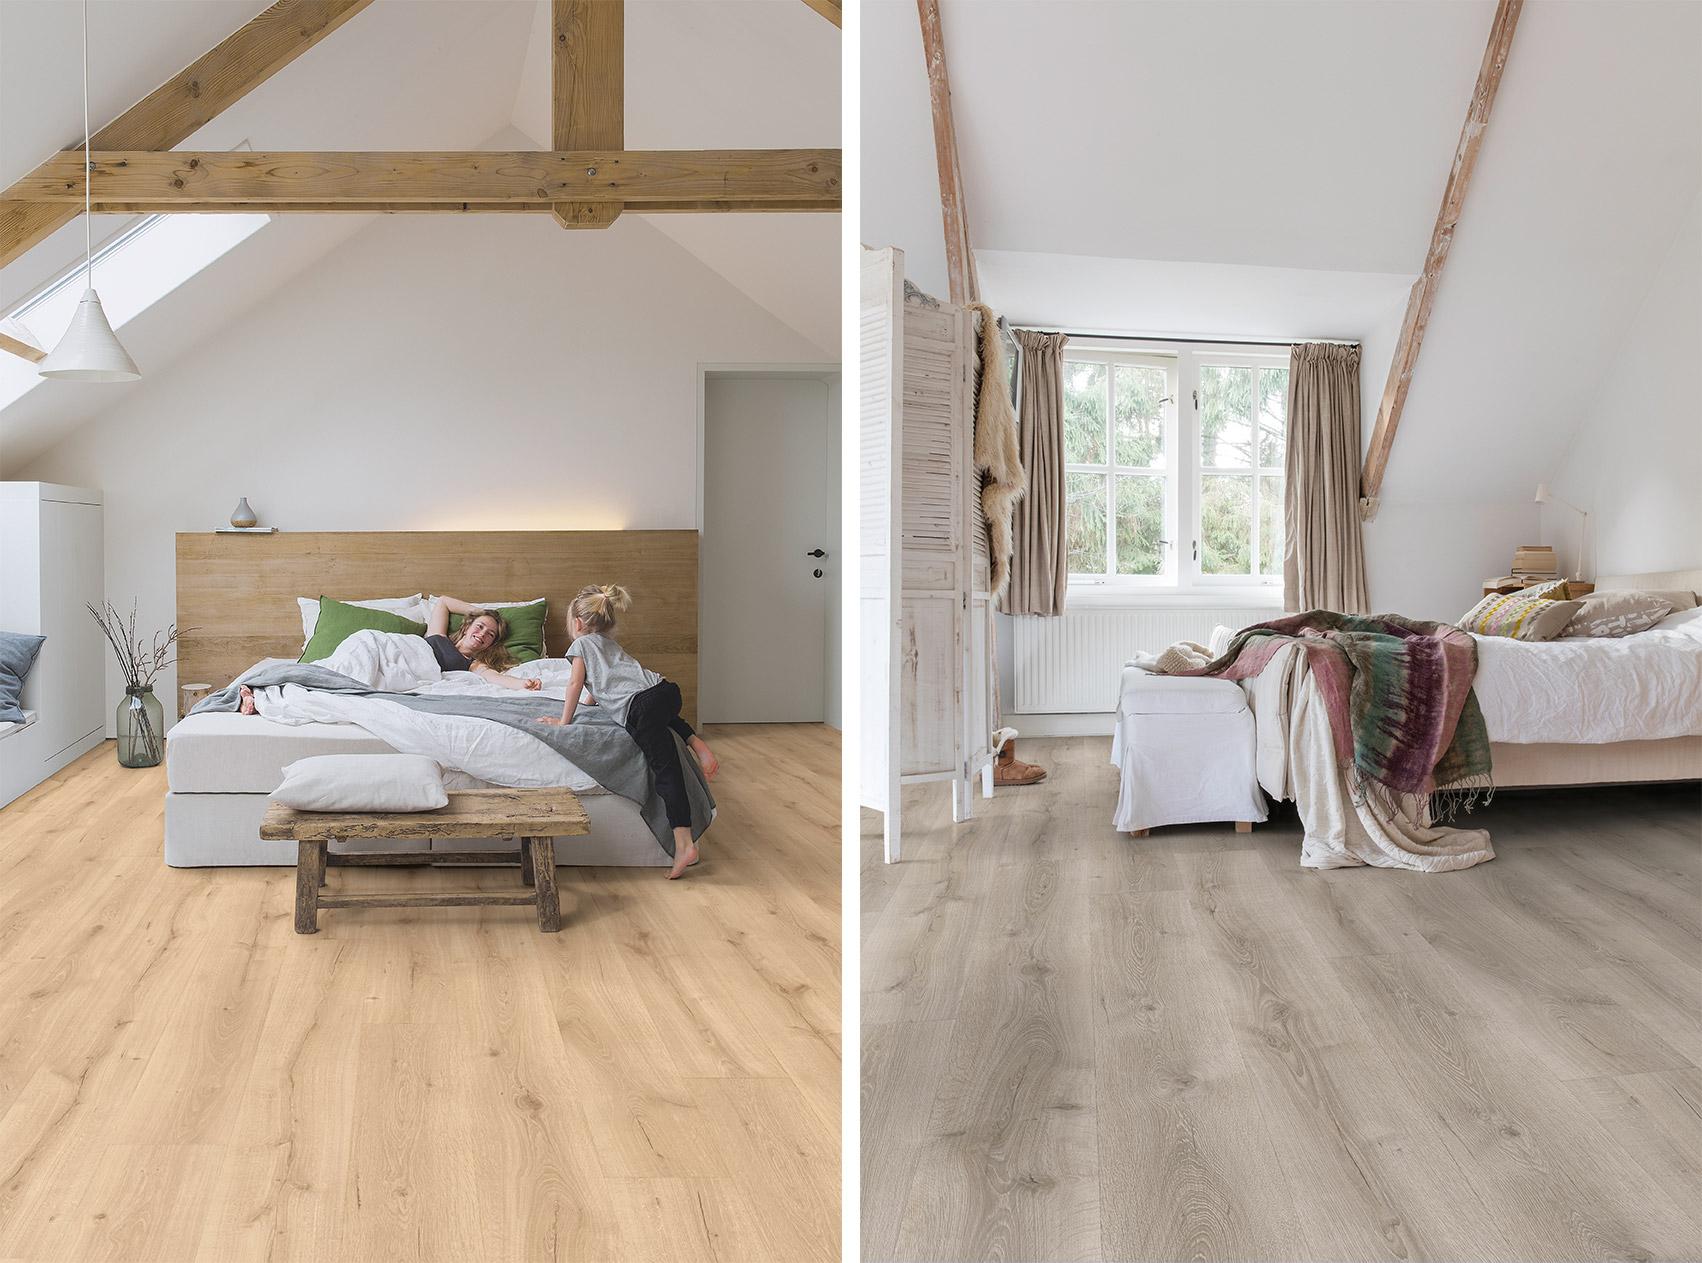 ulled-quick-step-decoratualma-dta-suelo-madera-laminado-parquet-vinilo-nordico-dormitorio-habitacion